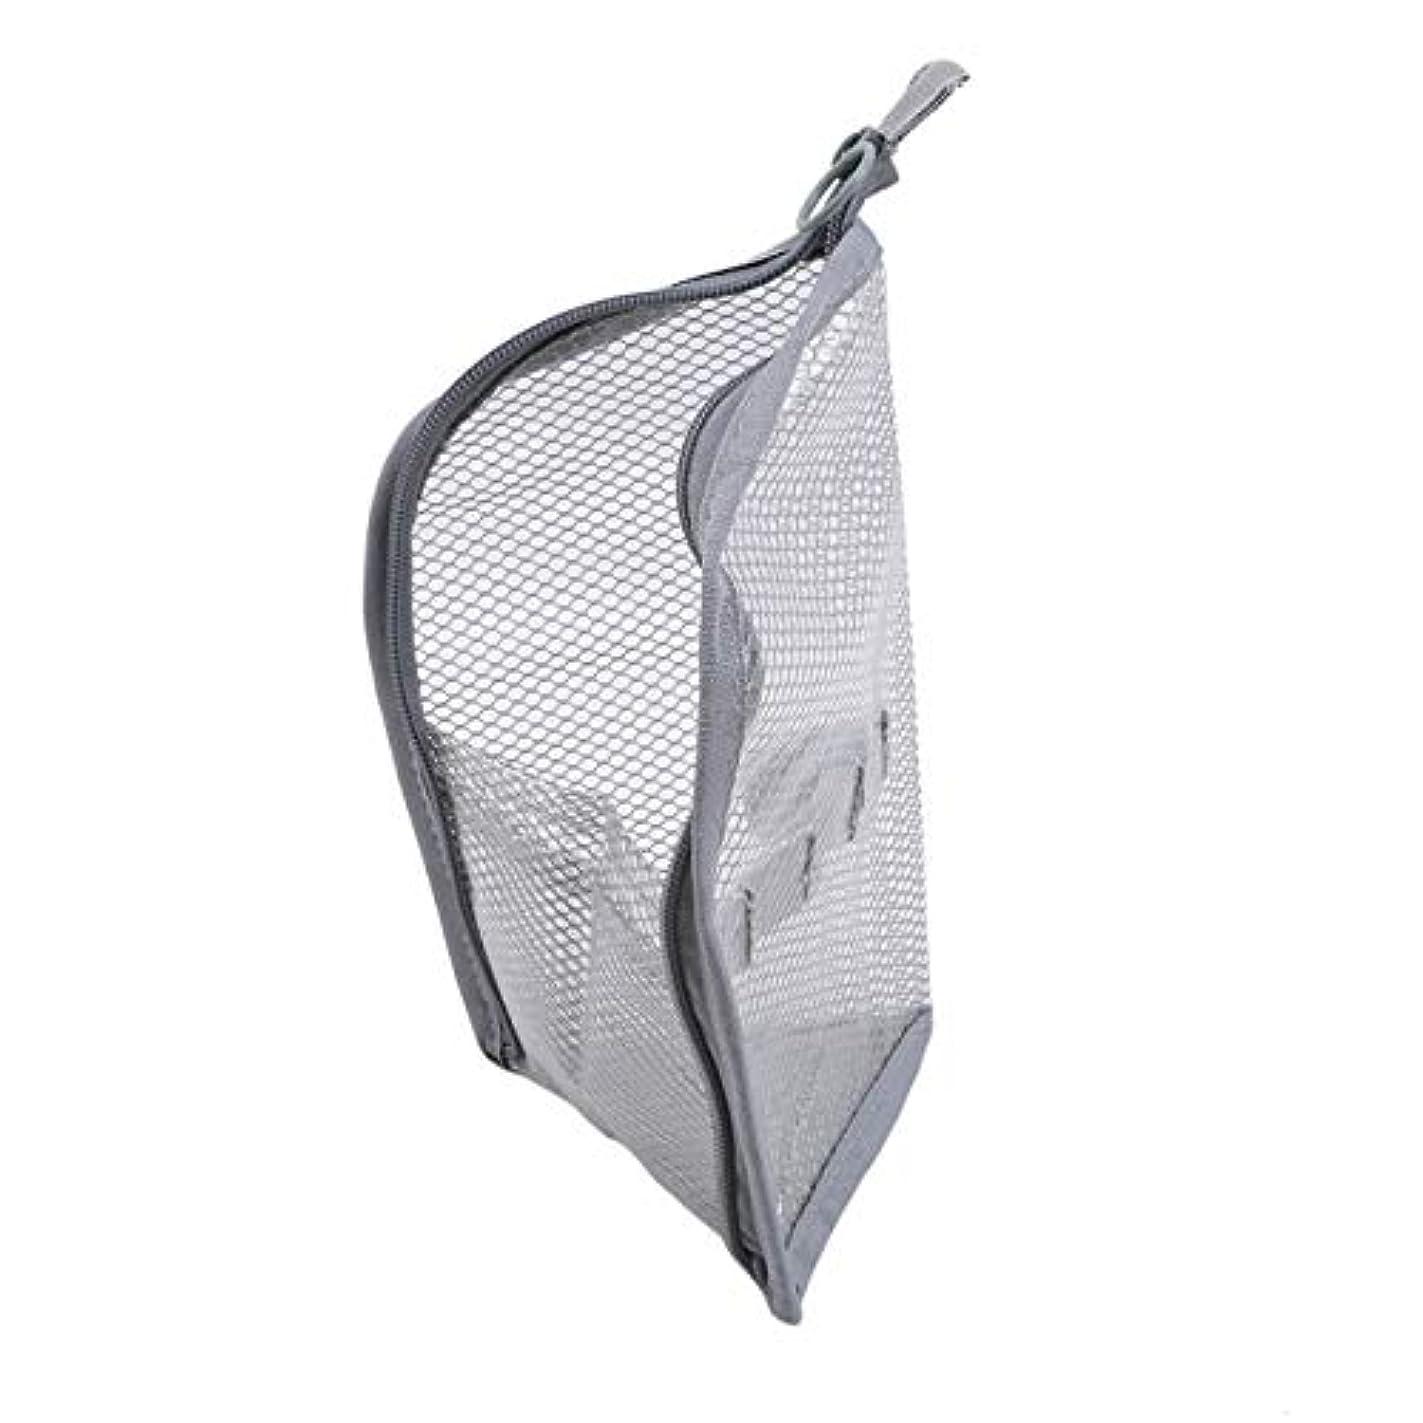 可愛いリットル植木ZALING 休暇旅行のためのジッパー付きポーチ付きポーチ付きの小さなポータブル大容量ストレージバッグメッシュバッグ,グレー